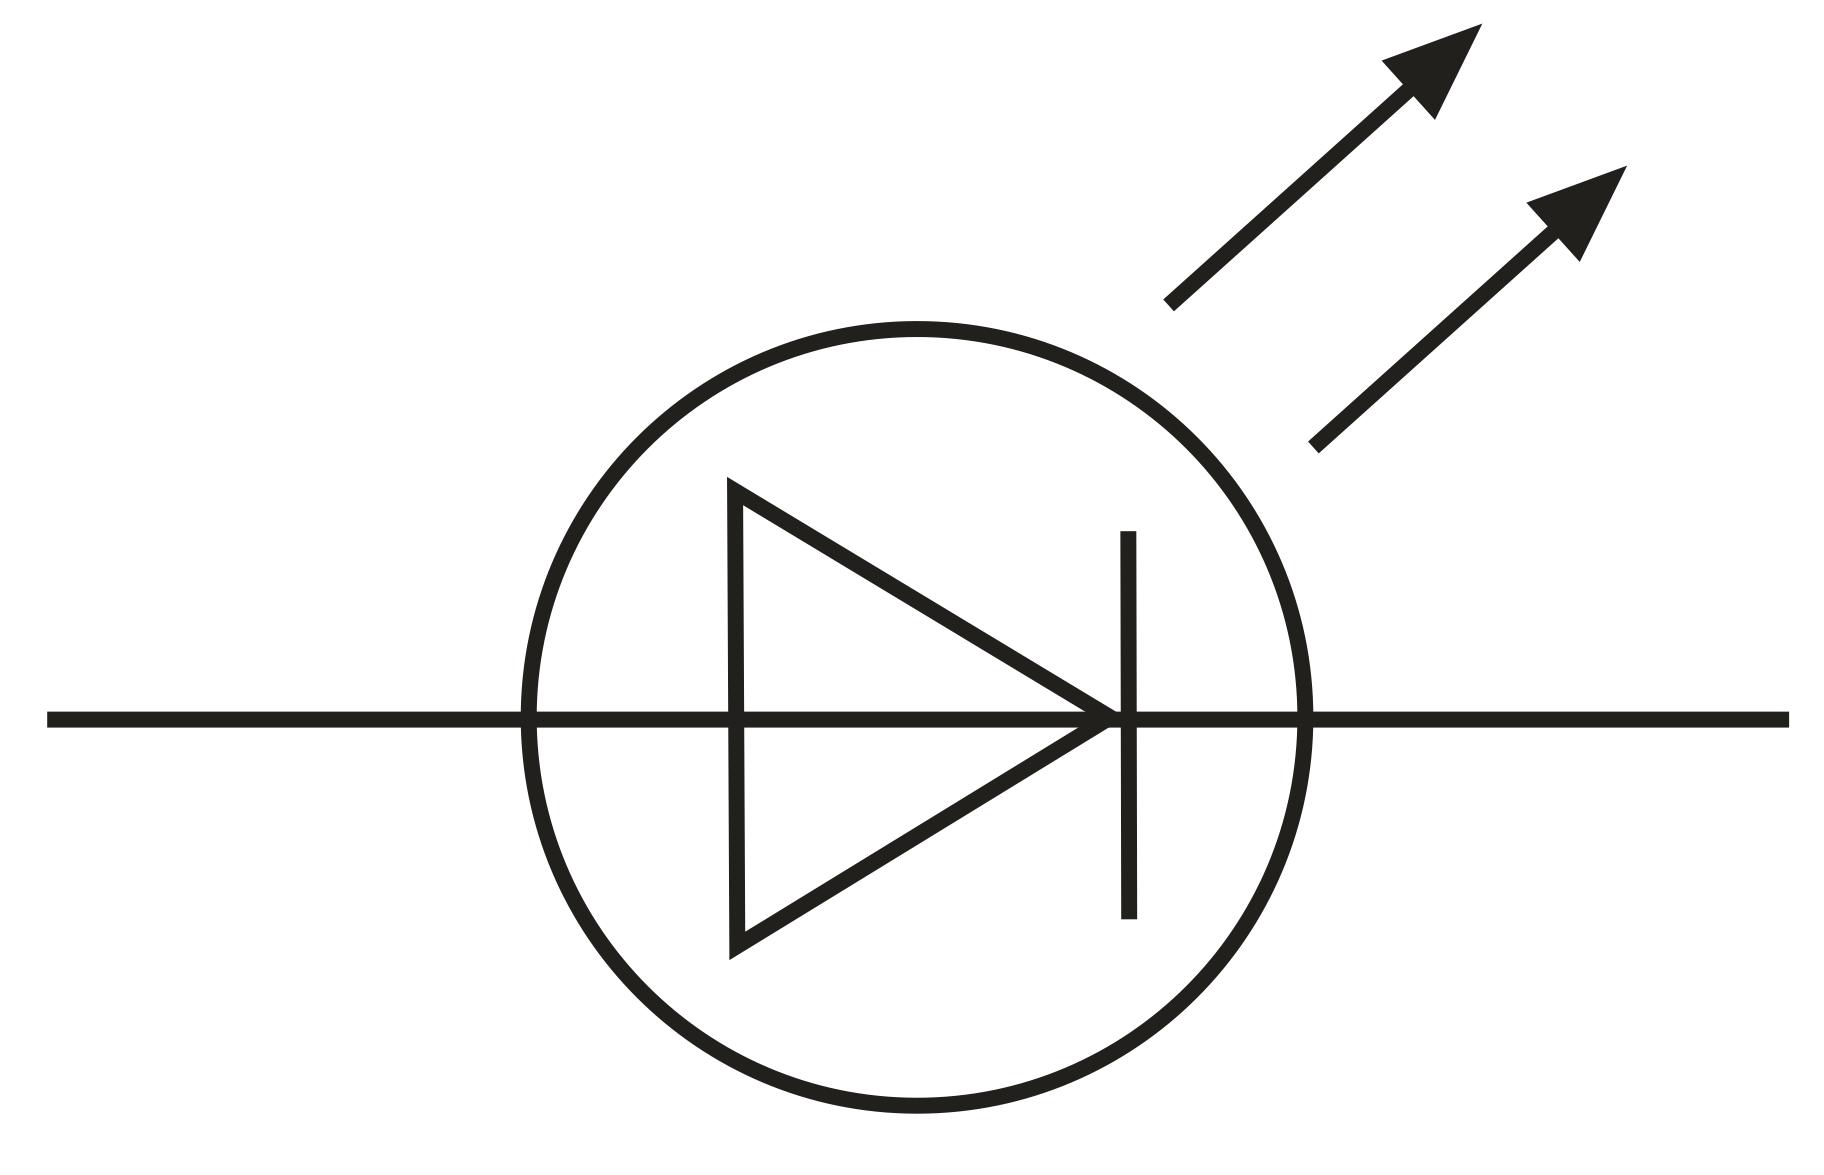 Awesome Wiring Diagram Diode Symbol Diagrams Digramssample Diagramimages Diagram Design Diagram Symbols